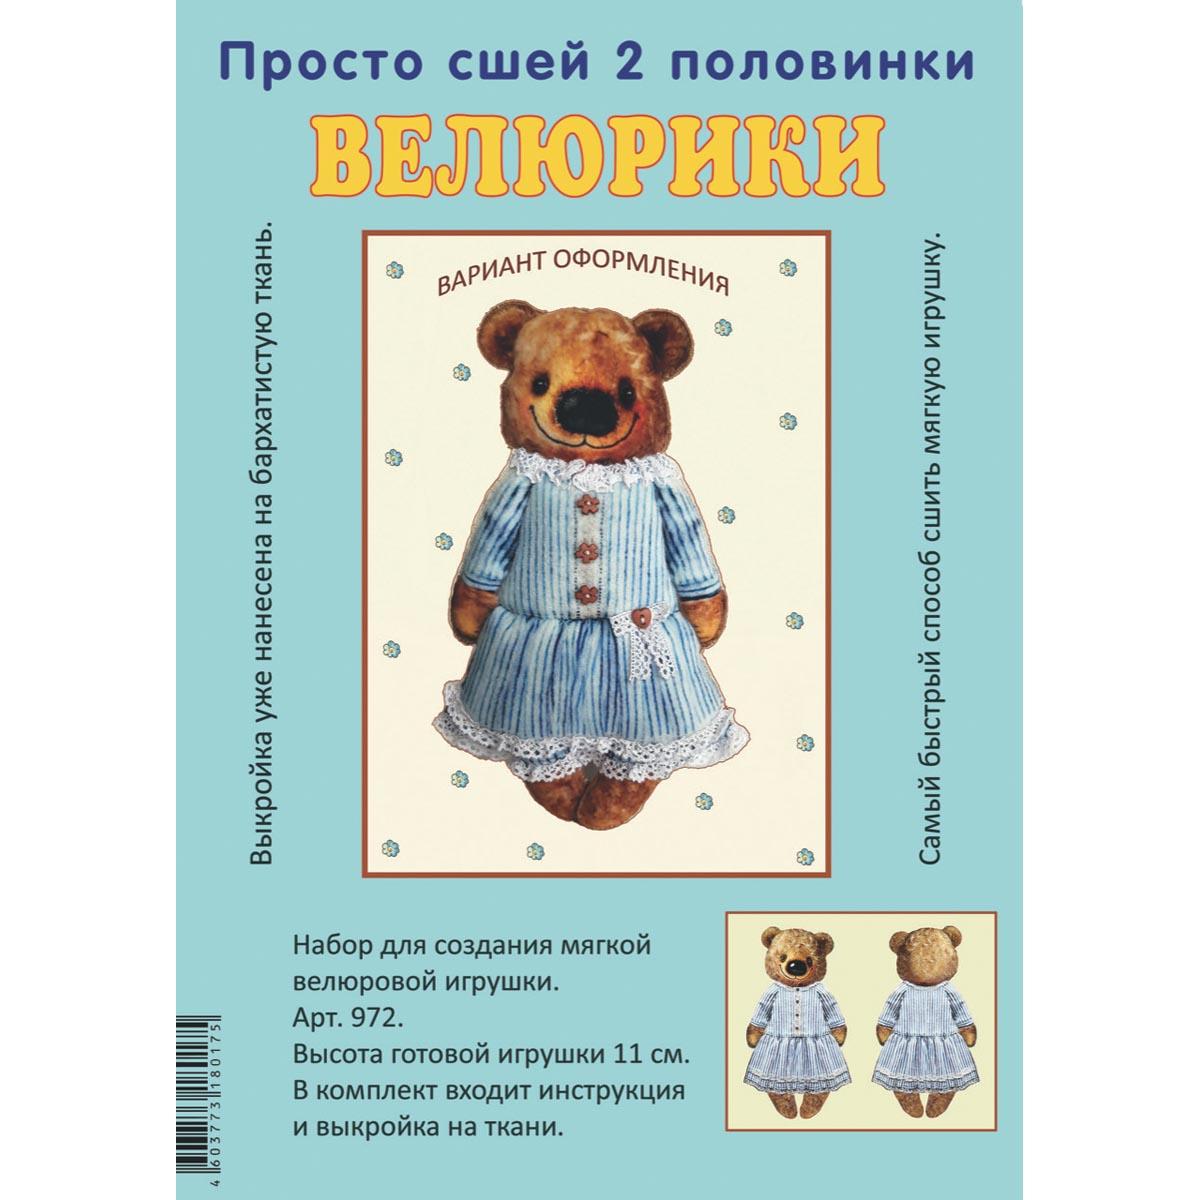 972 Набор для творчества Велюрики 'Мишка в голубом платье'11см